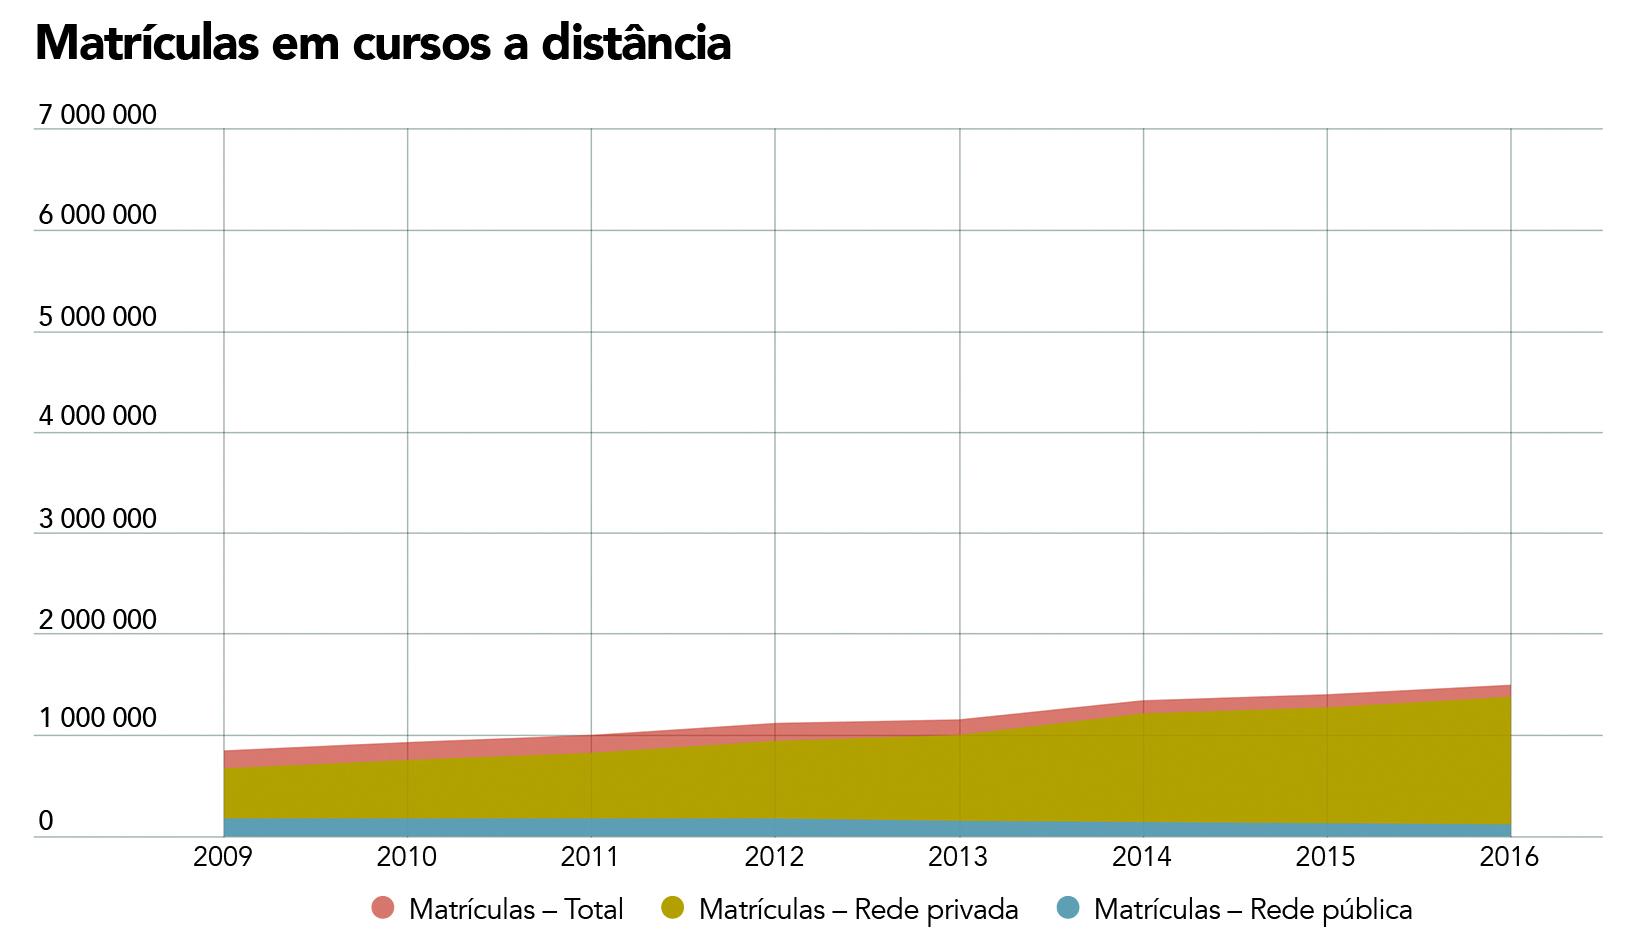 Gráfico de matrículas em cursos a distância